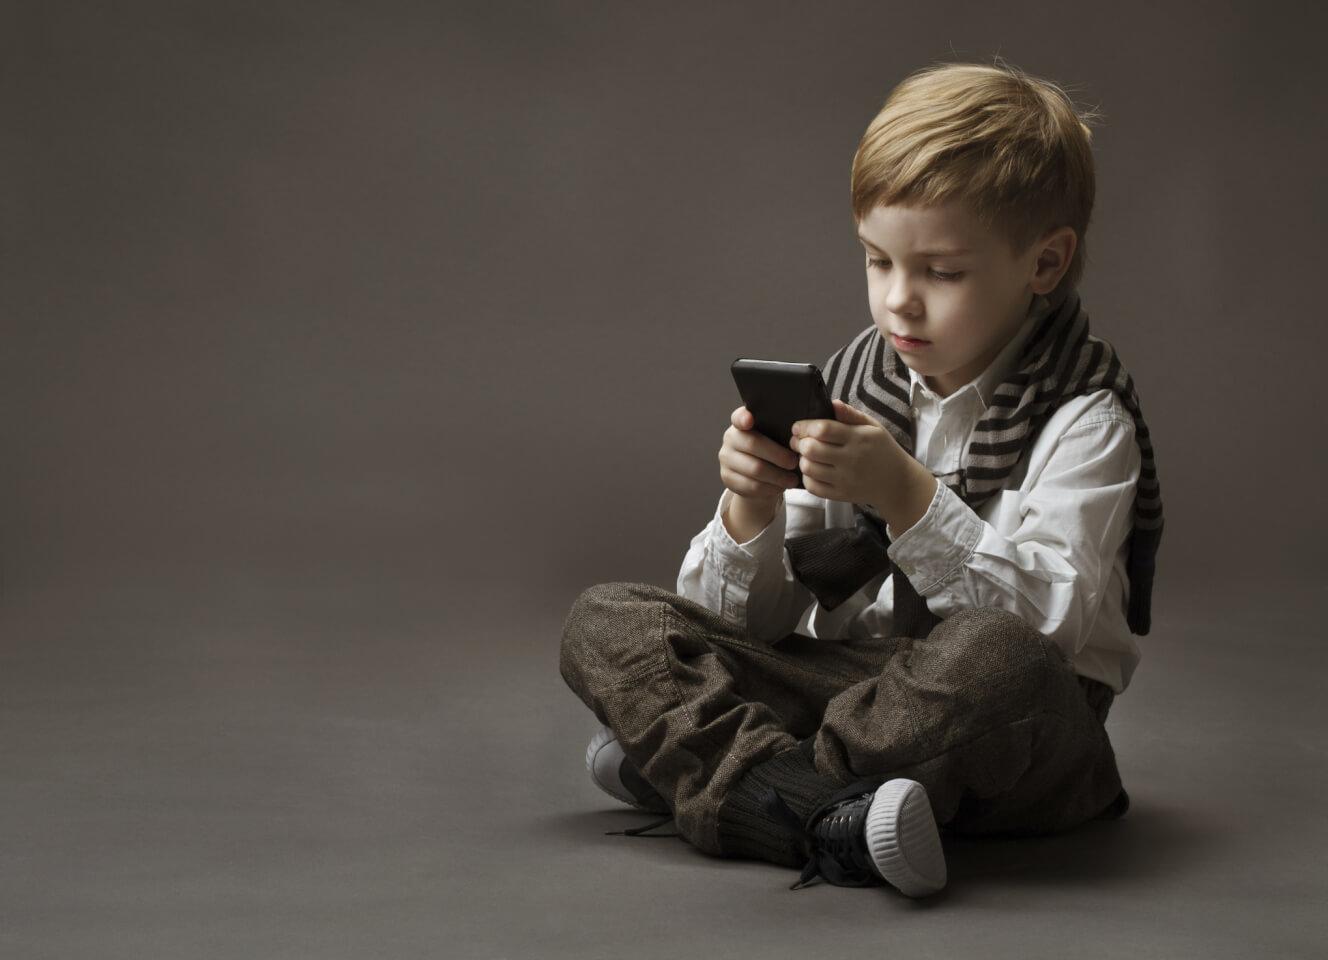 Çocukları Bilgisayar ve Telefonlardan Uzak Tutmanın Yolları